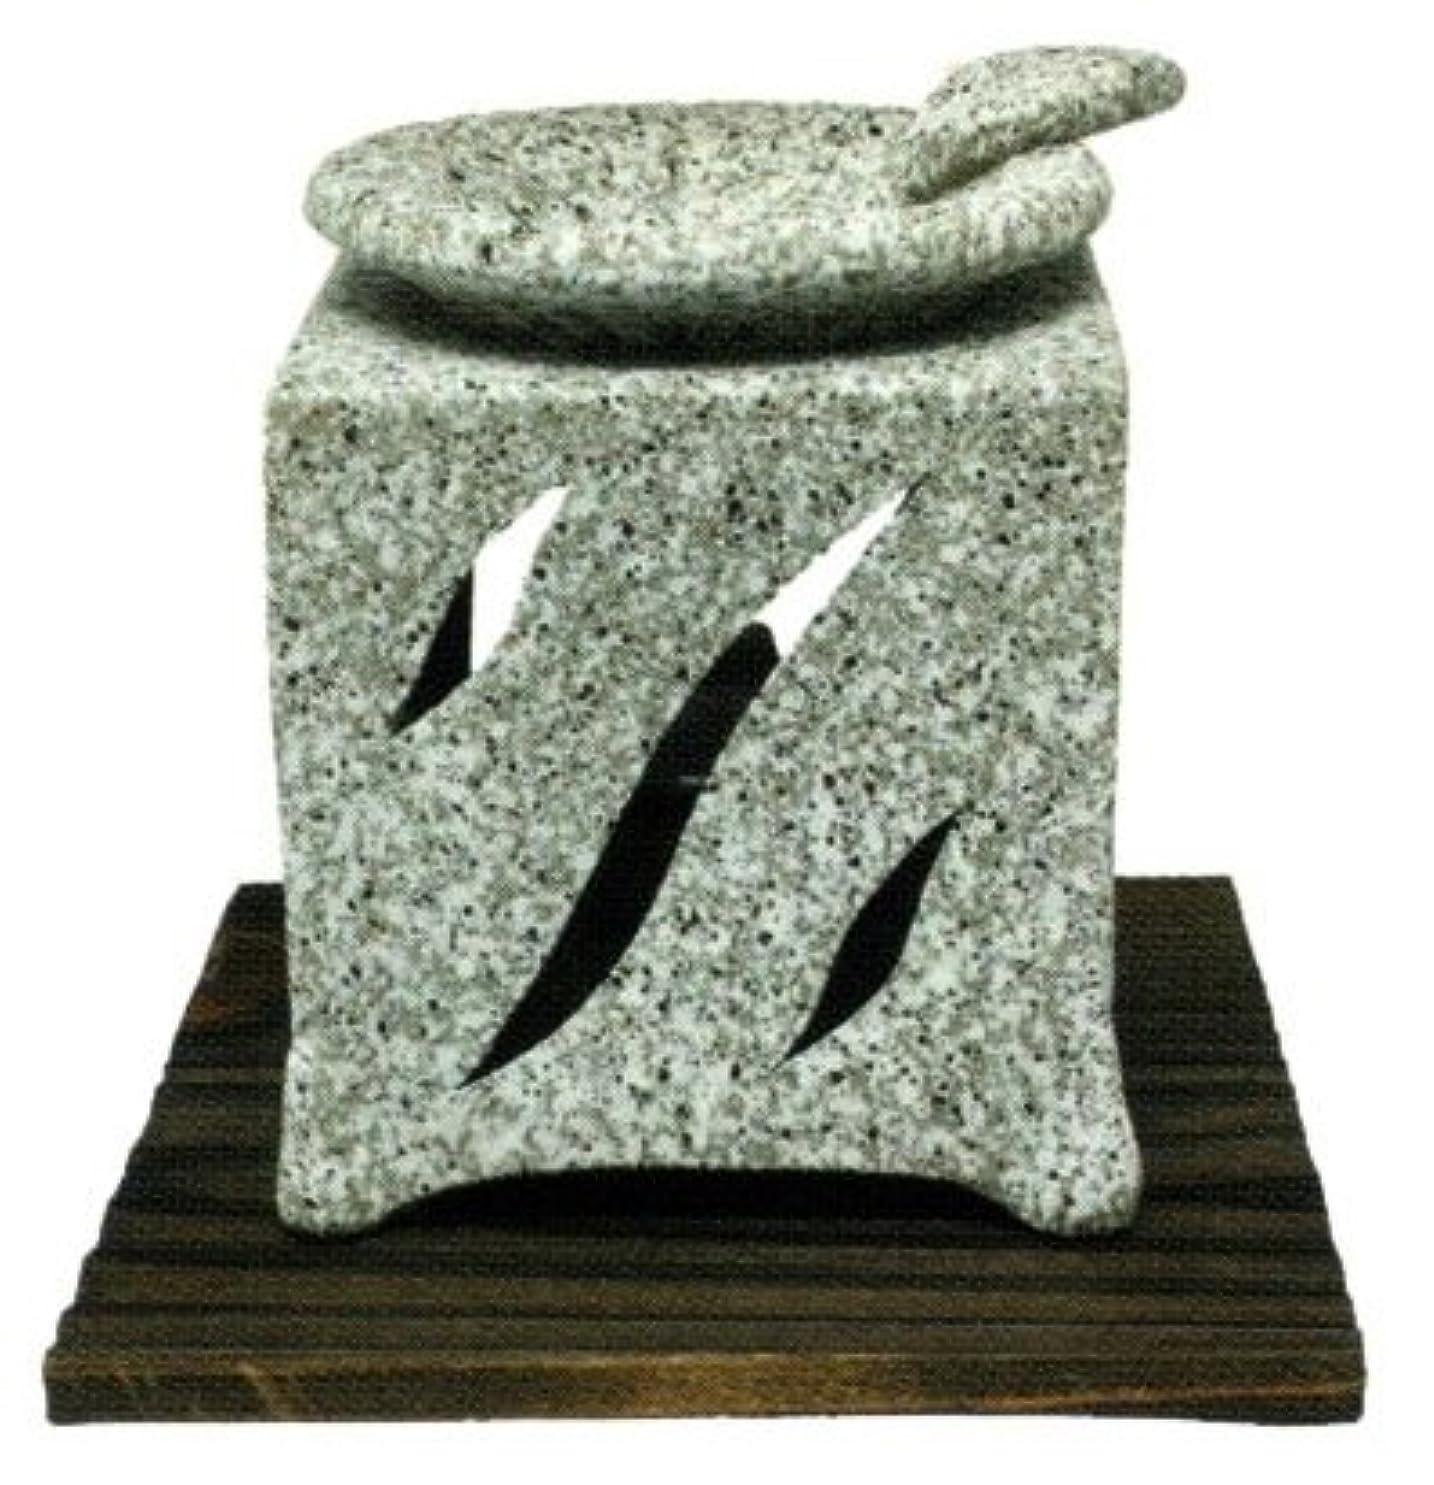 メディア自慢クック常滑焼?山房窯 カ40-06 茶香炉 杉板付 約10.5×10.5×12.5cm